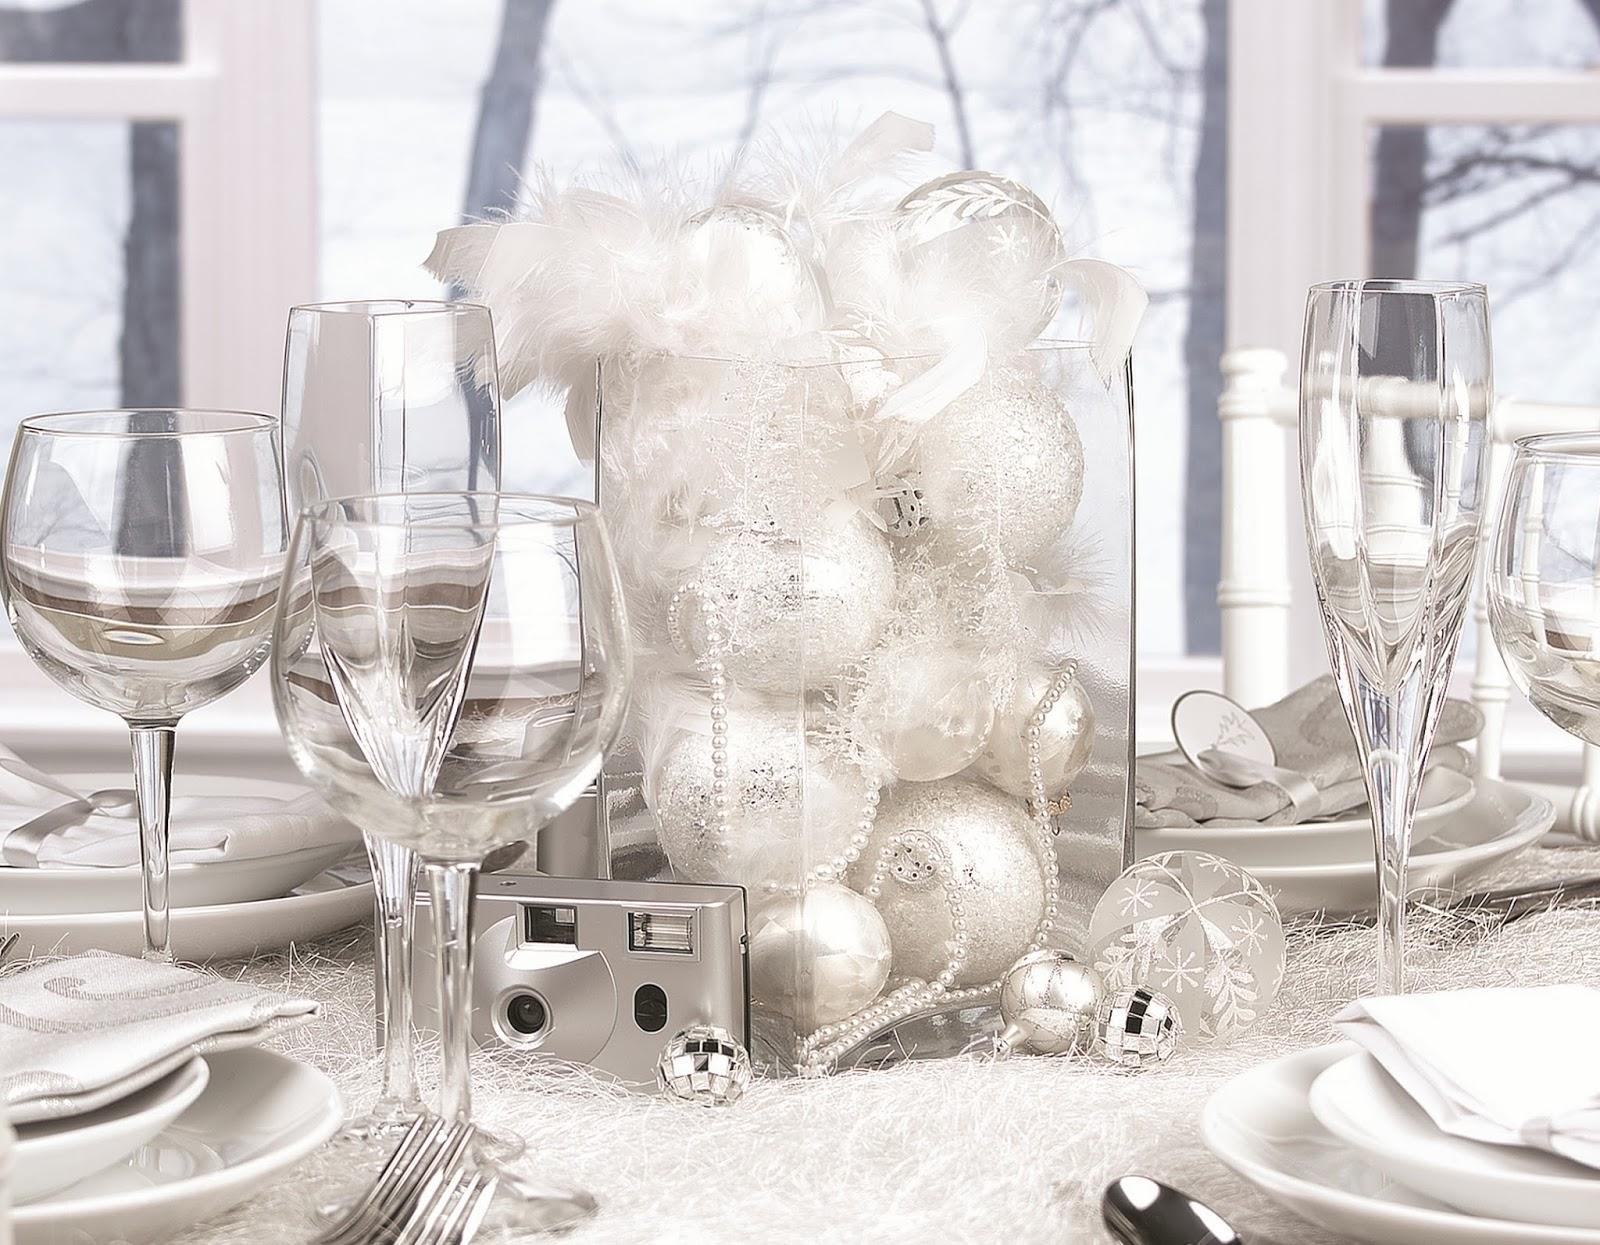 Twc una boda en invierno for Decoracion navidena centro de estetica